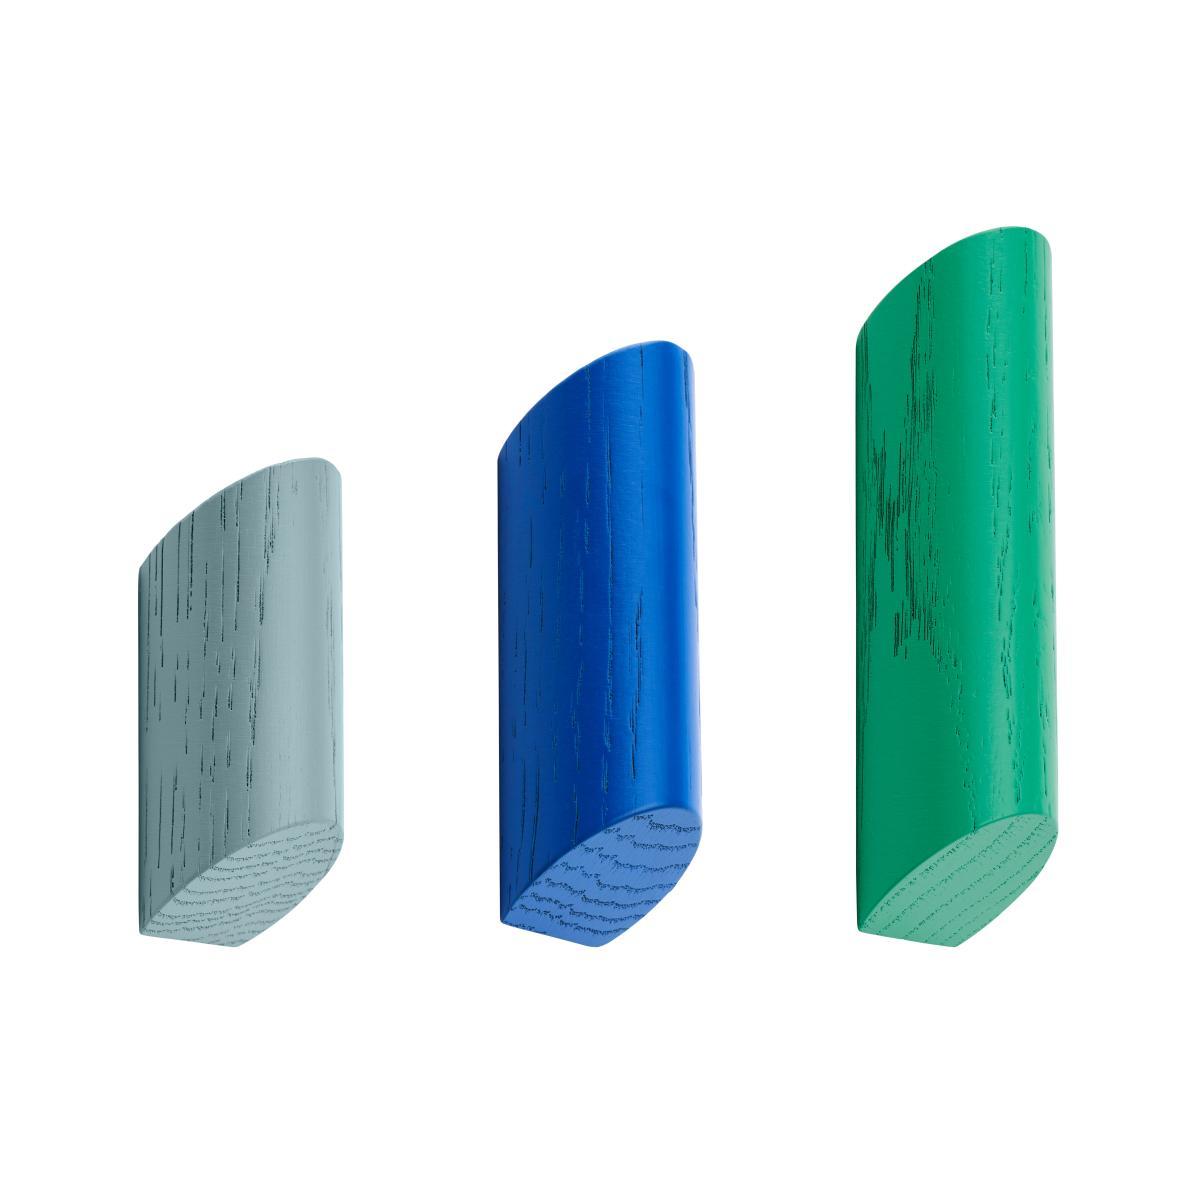 KUKI Wandhaken blau/grün 3er-Set